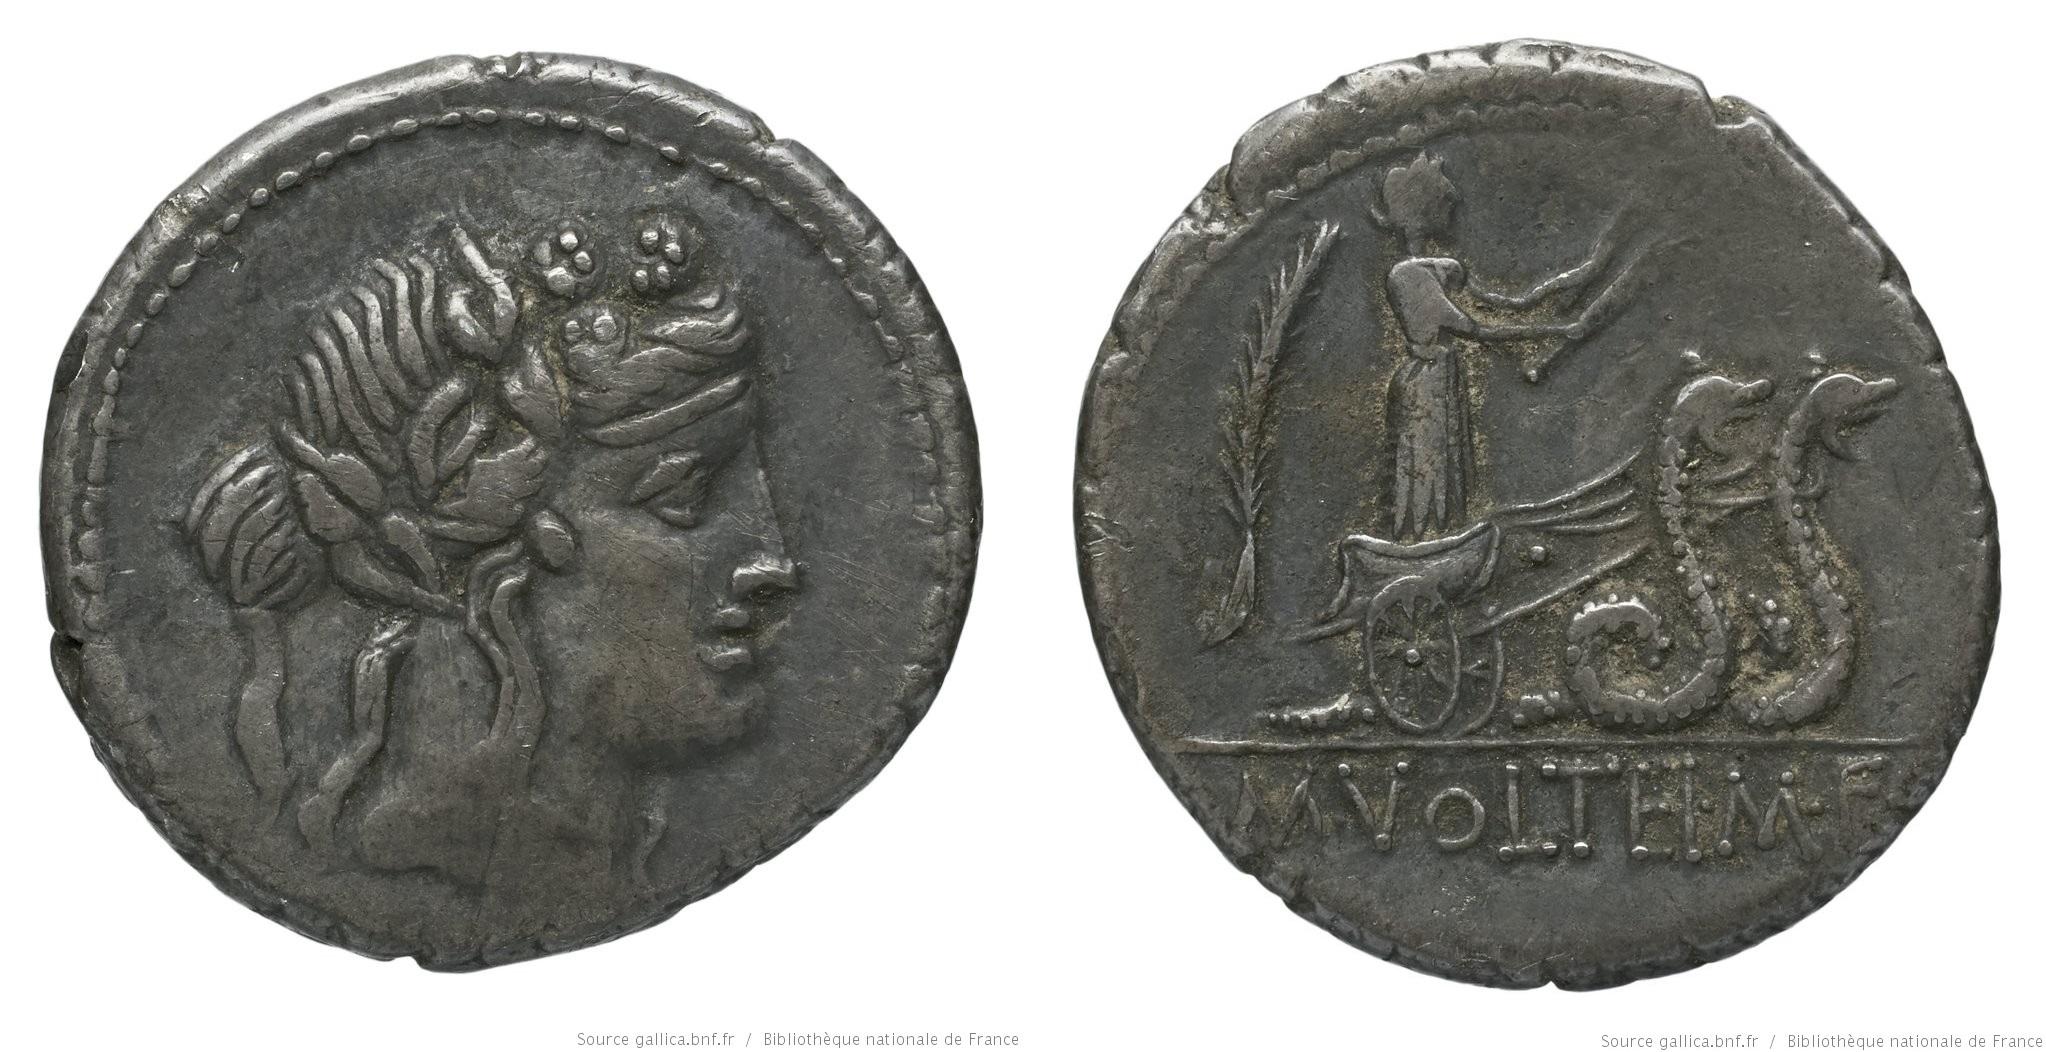 1320VO – Denier Volteia – Marcus Volteius